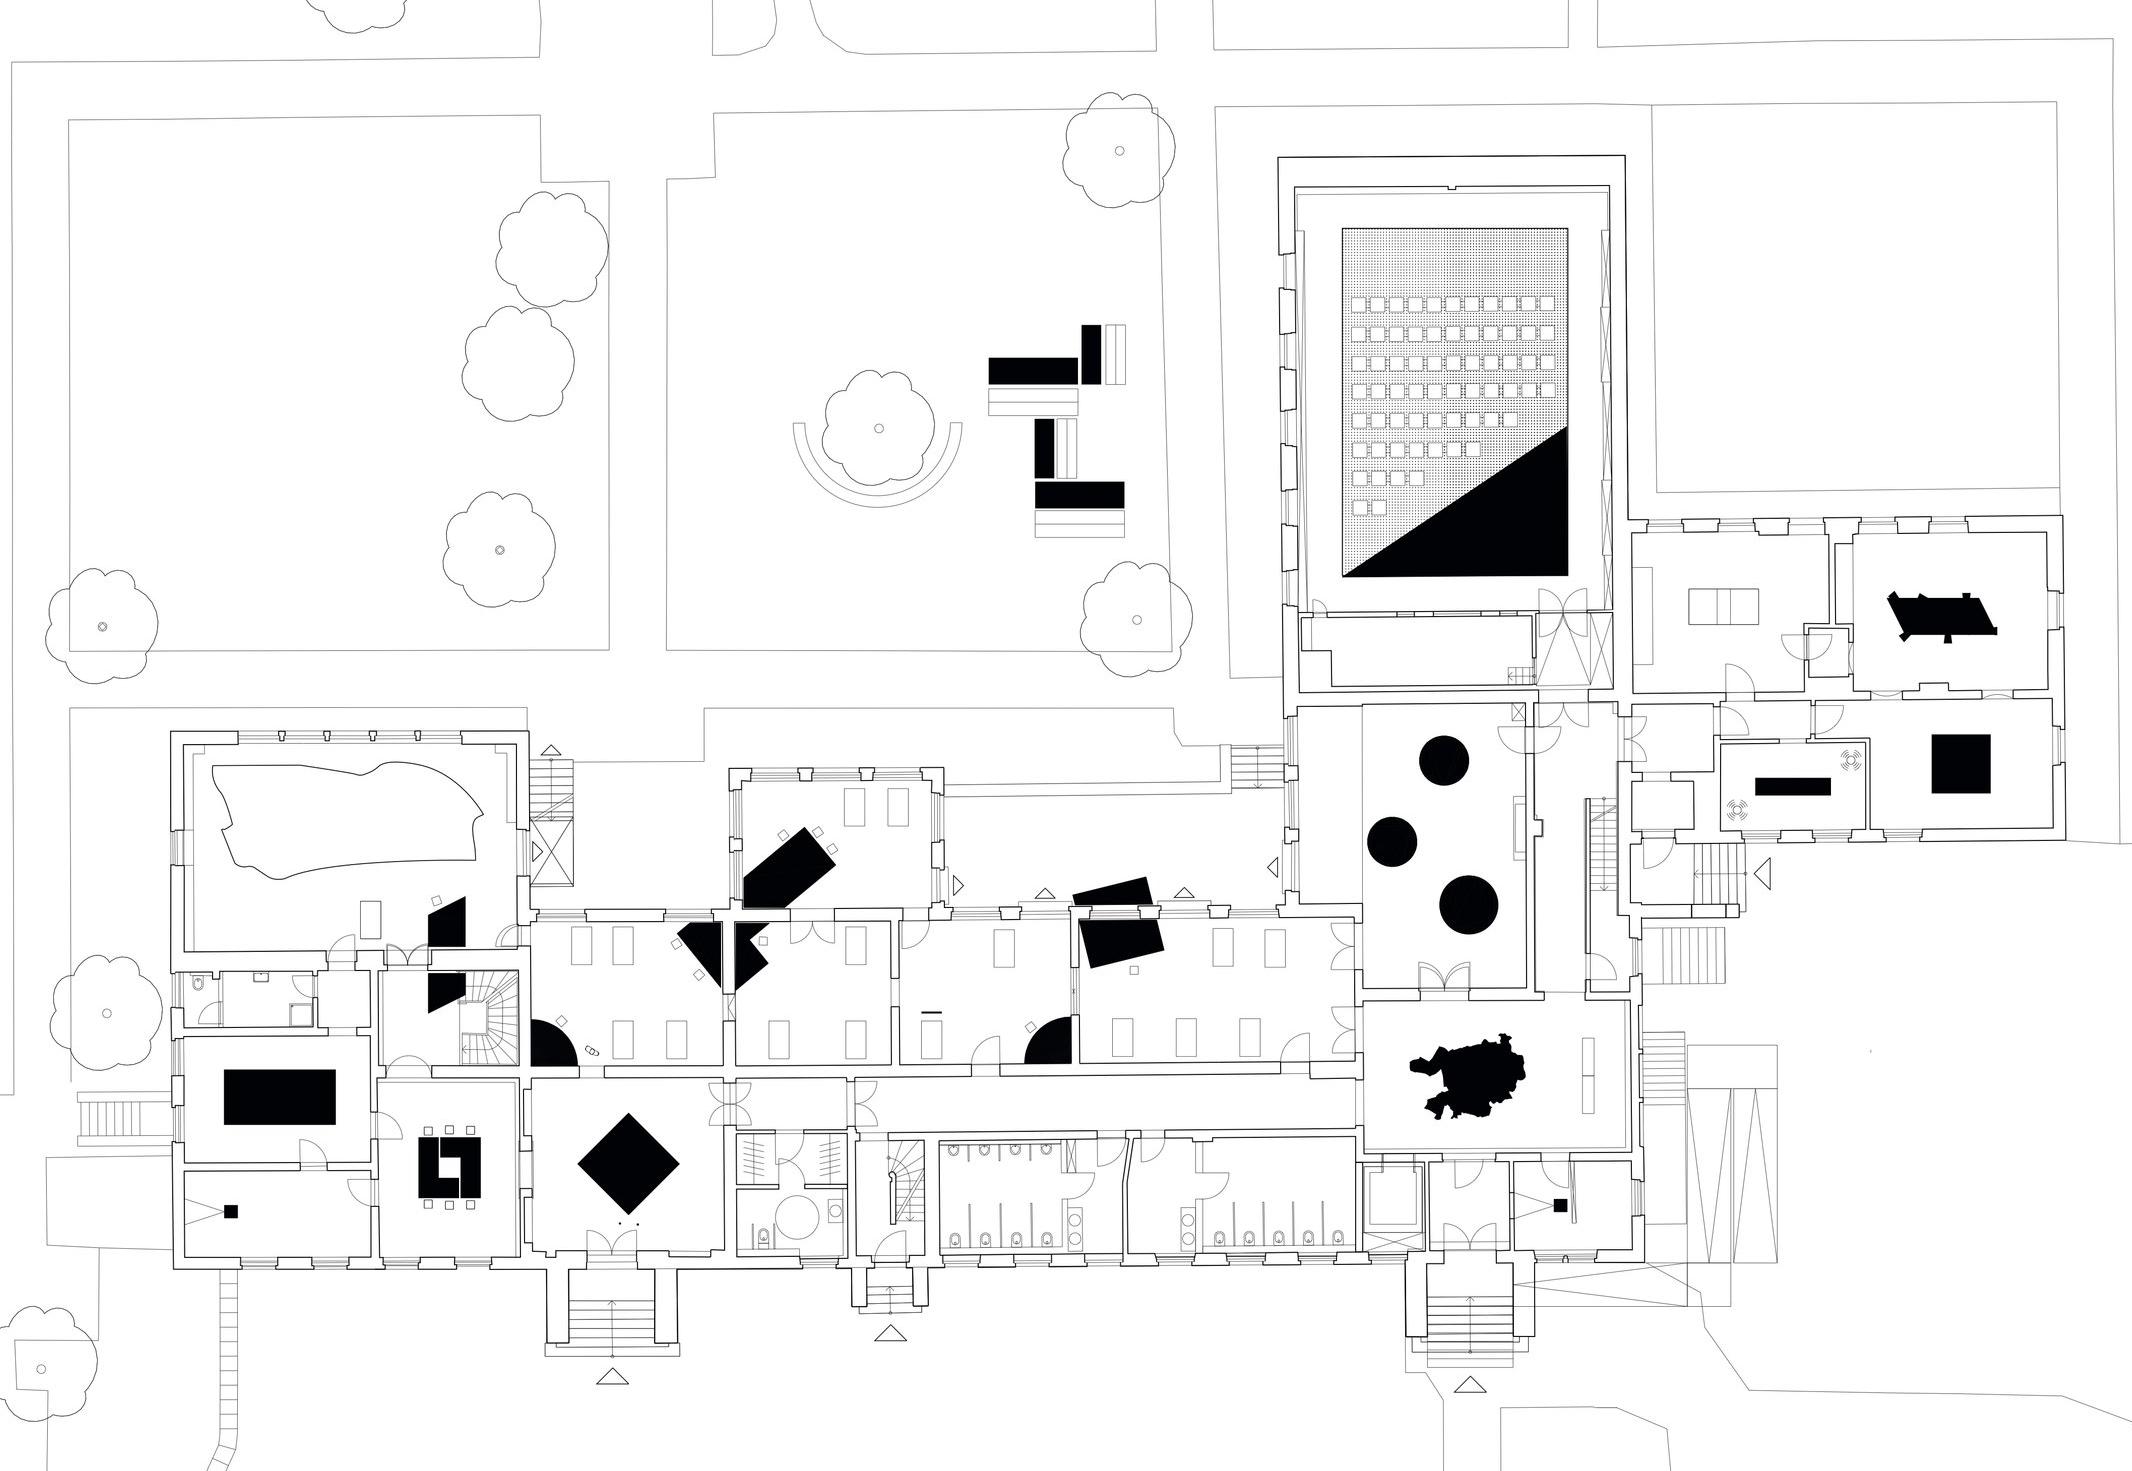 Exhibition Layout plan - © Stiftung Freizeit